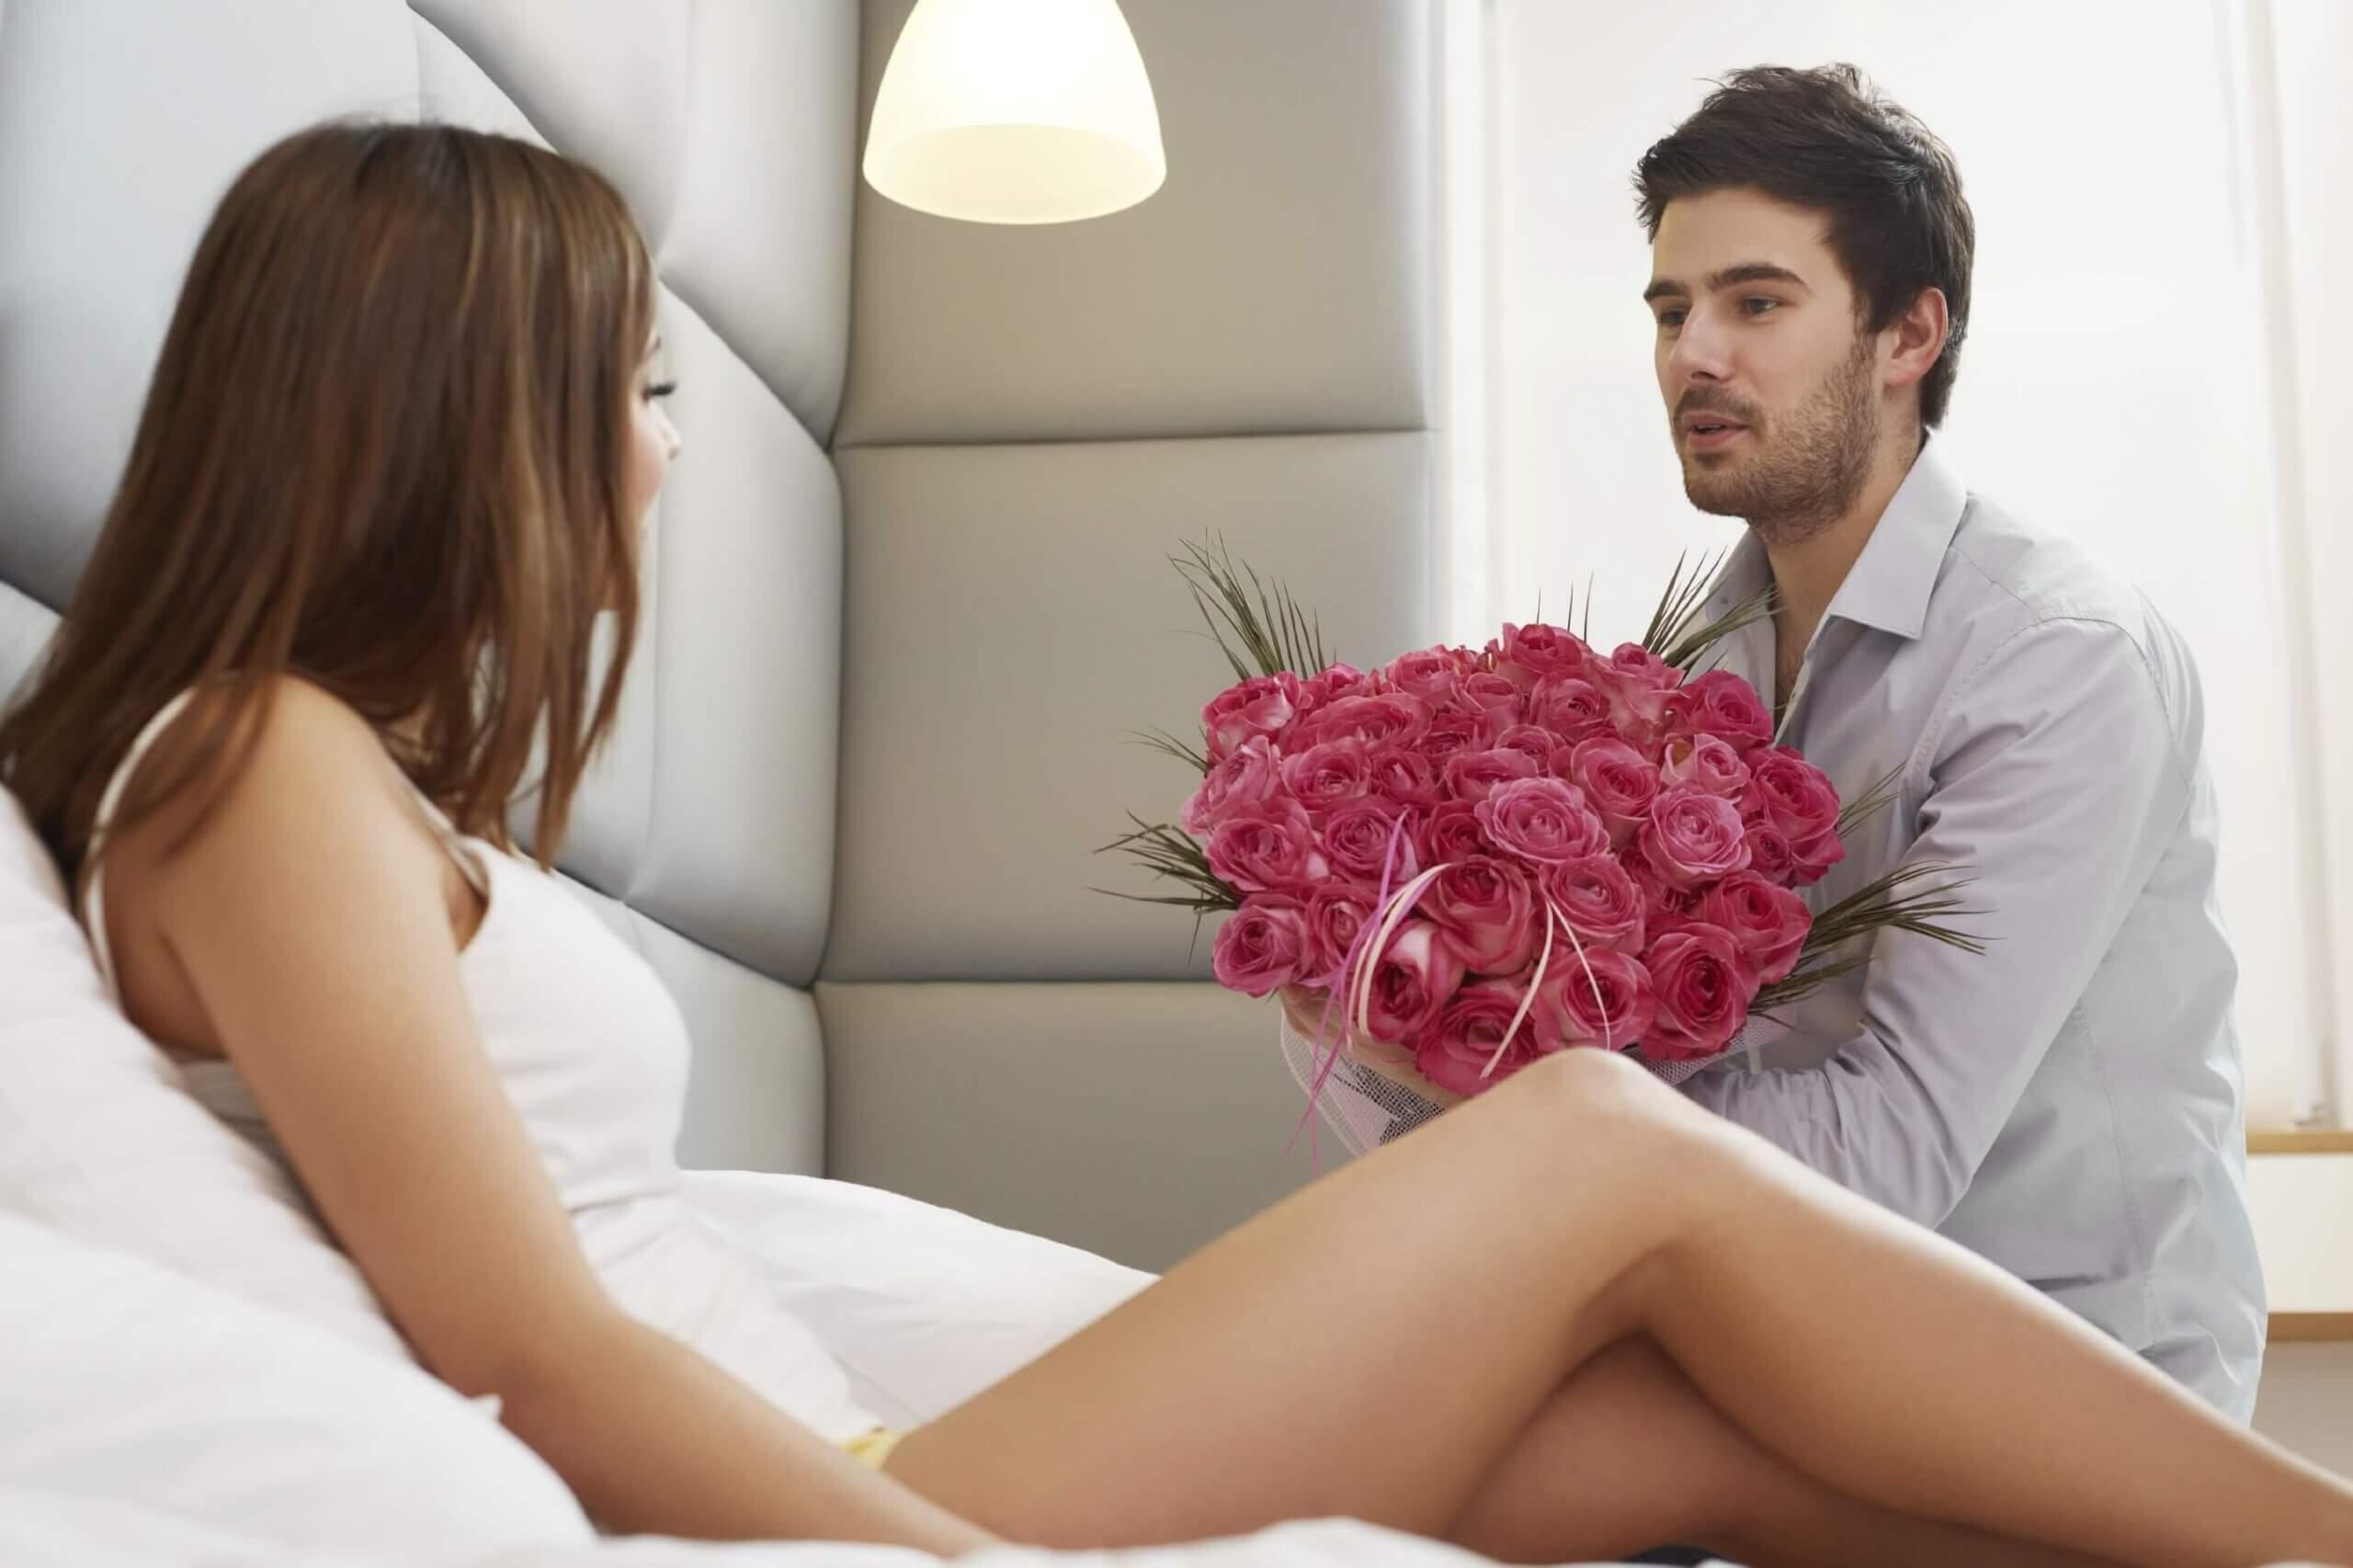 мужчина дарит девушке букет цветов в кровати